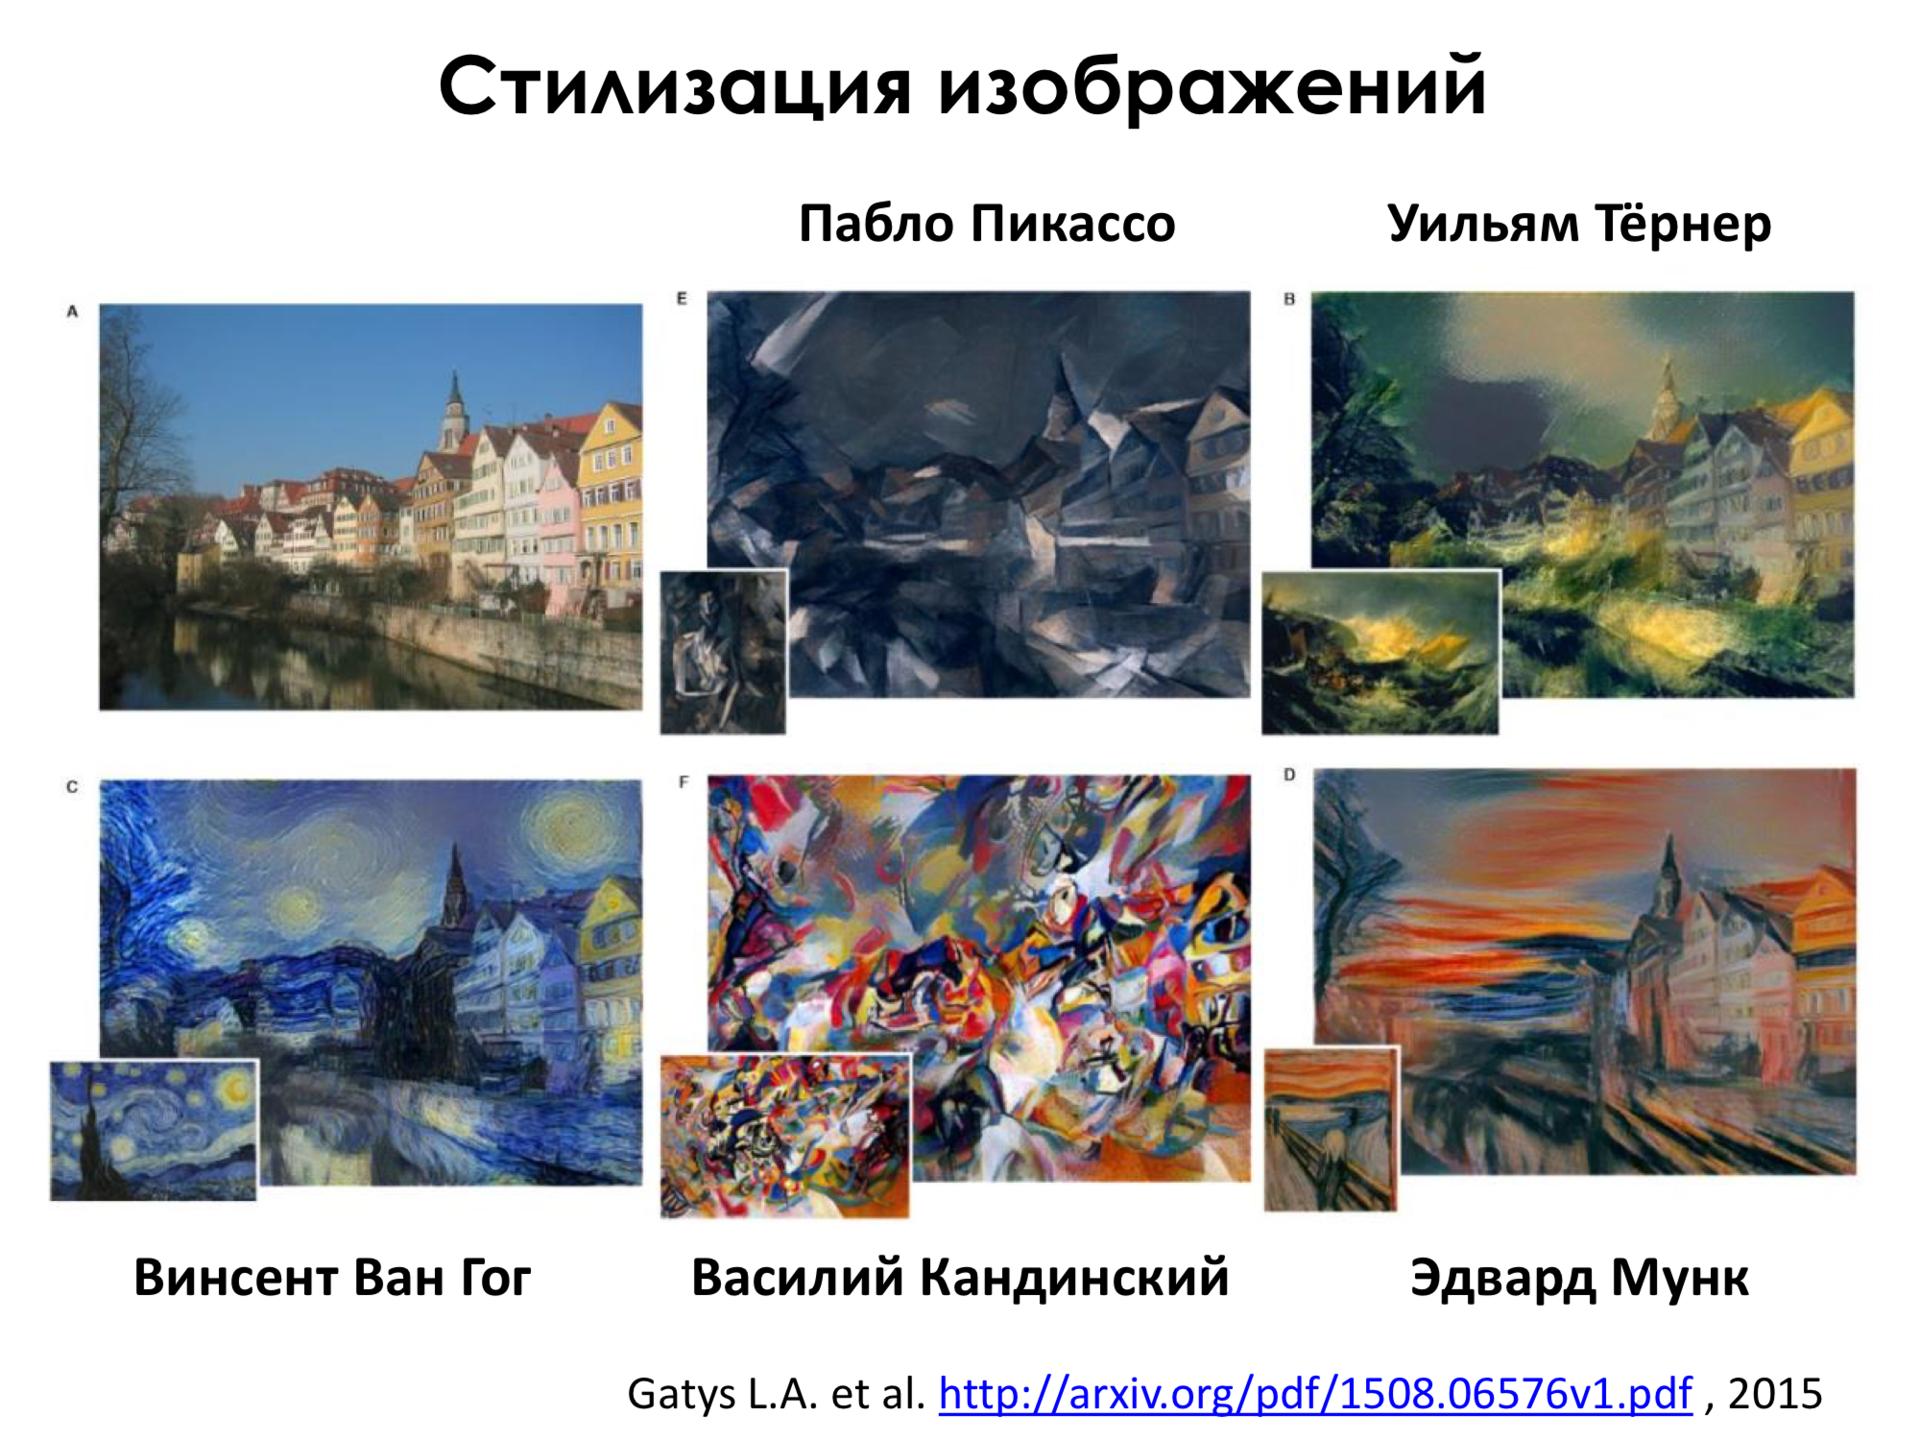 Самое главное о нейронных сетях. Лекция в Яндексе - 29